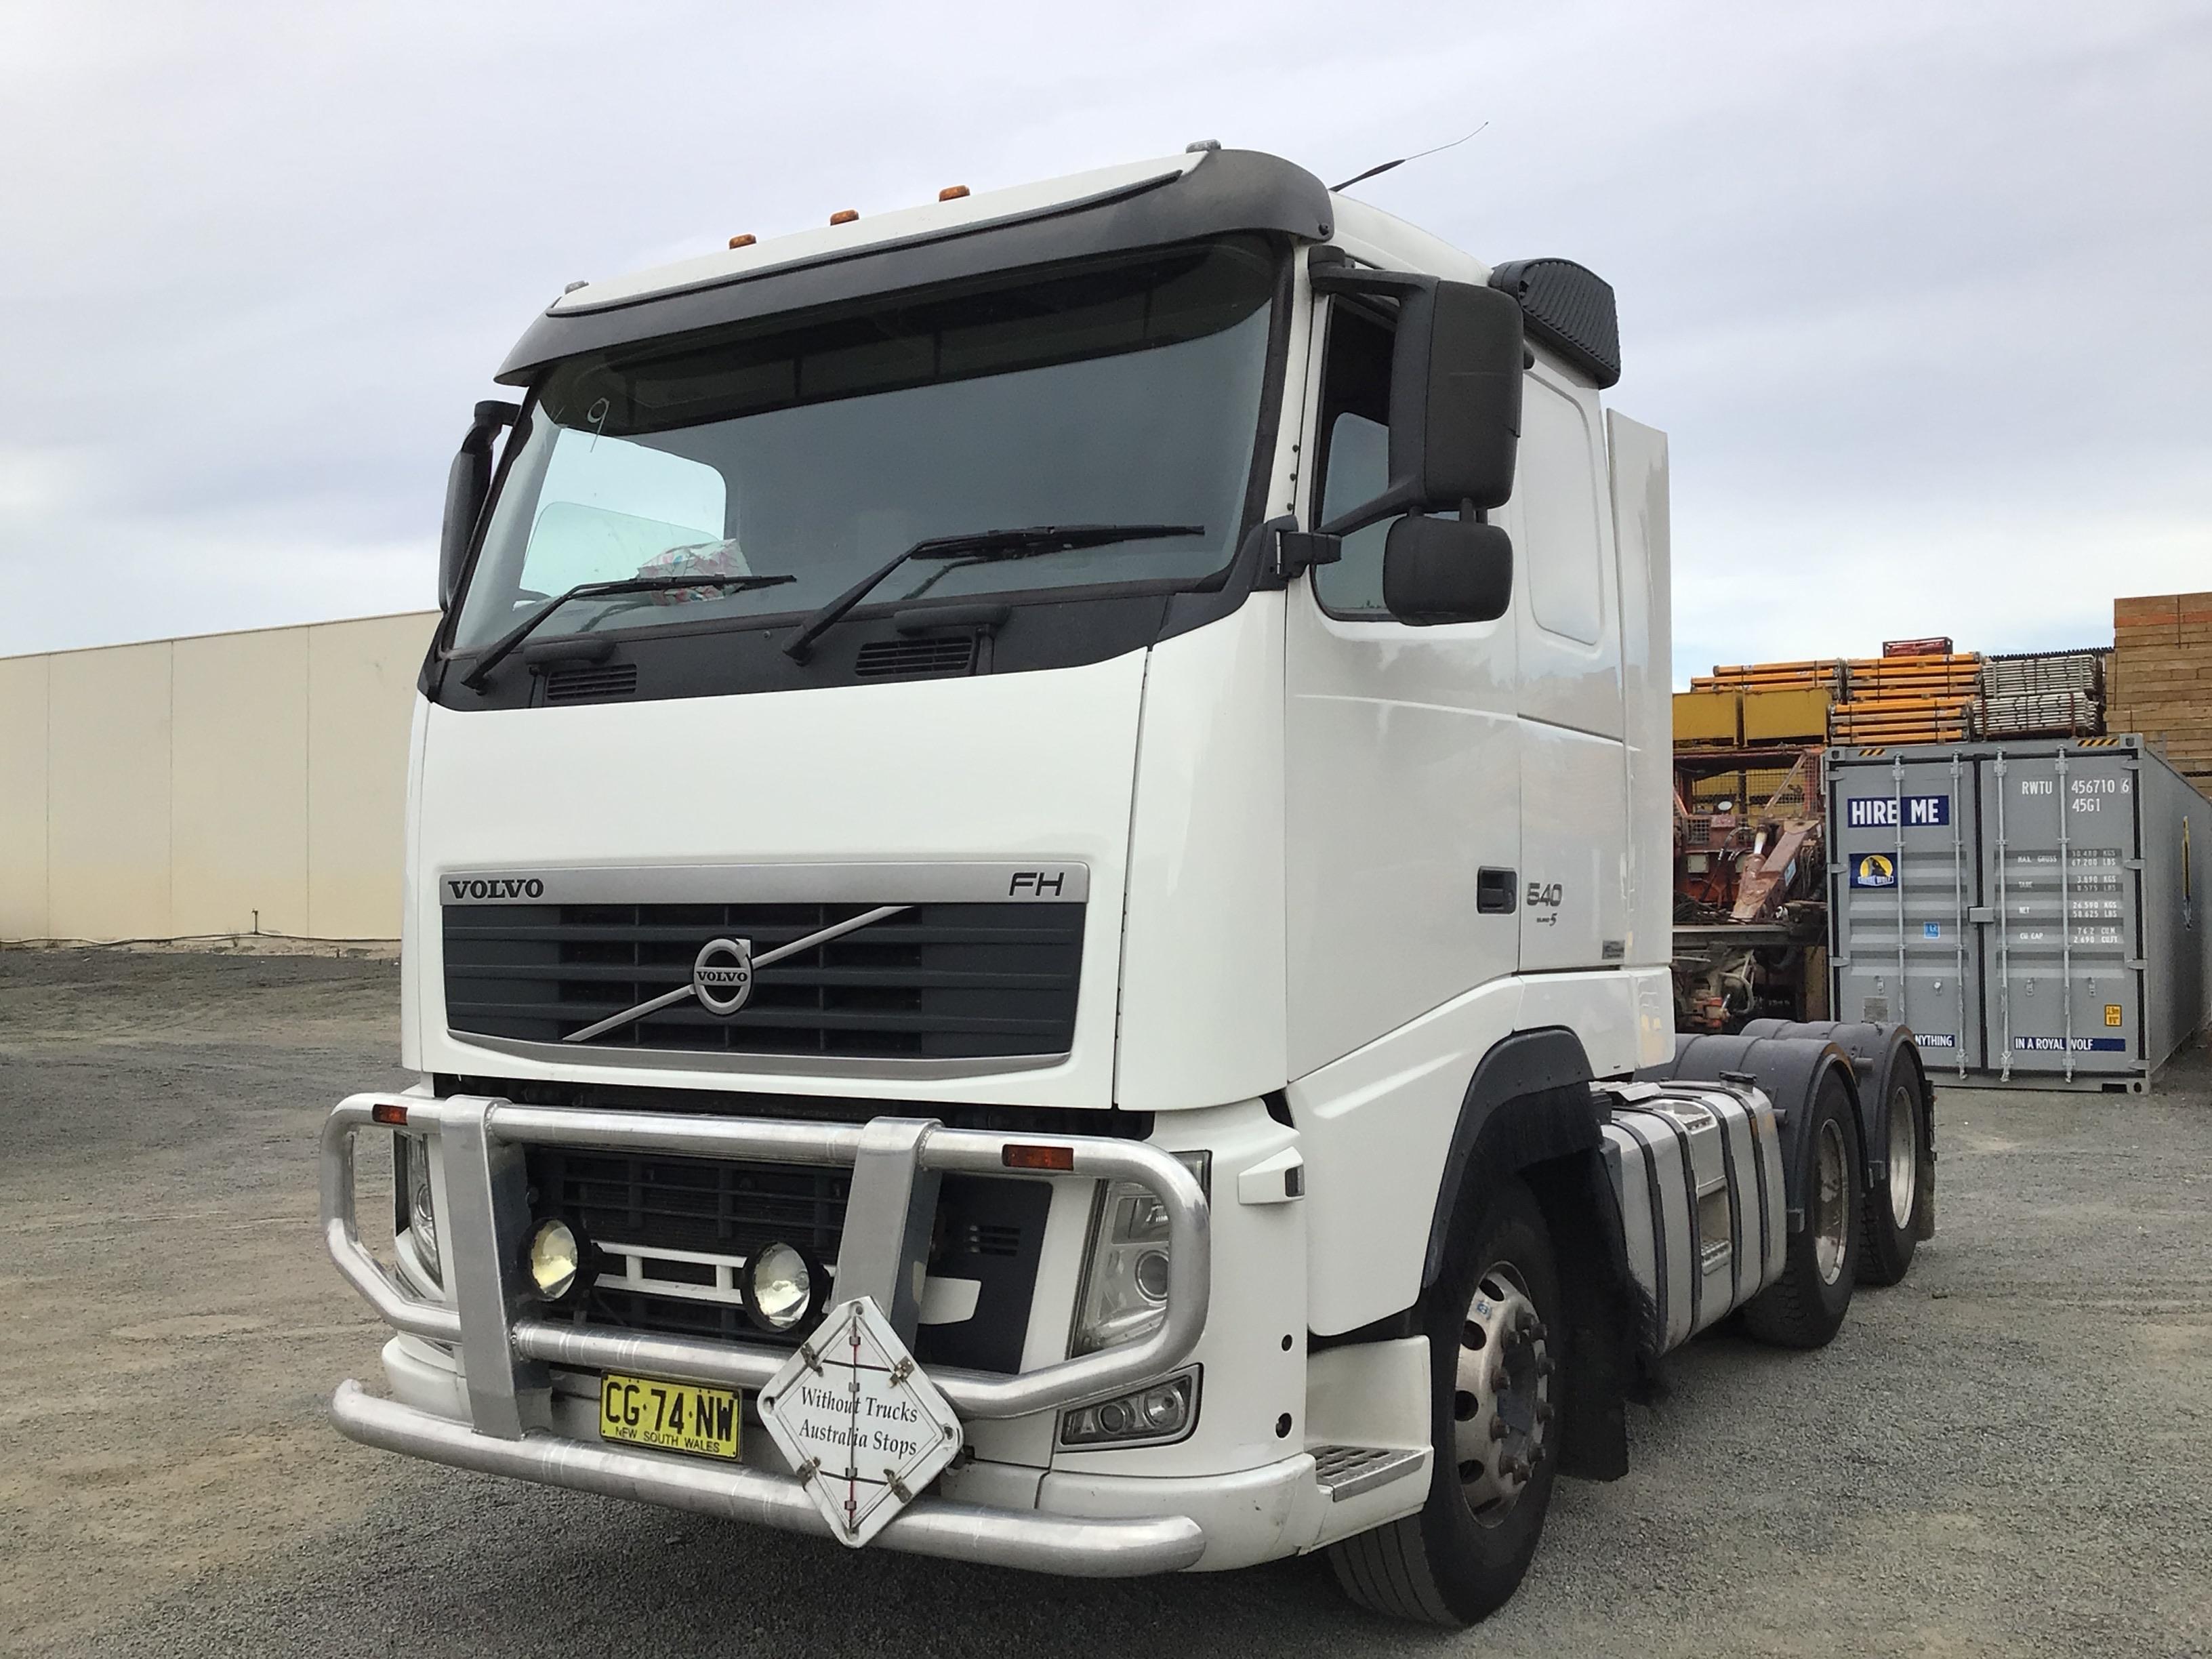 2011 Volvo FH13 6 x 4 Prime Mover Truck